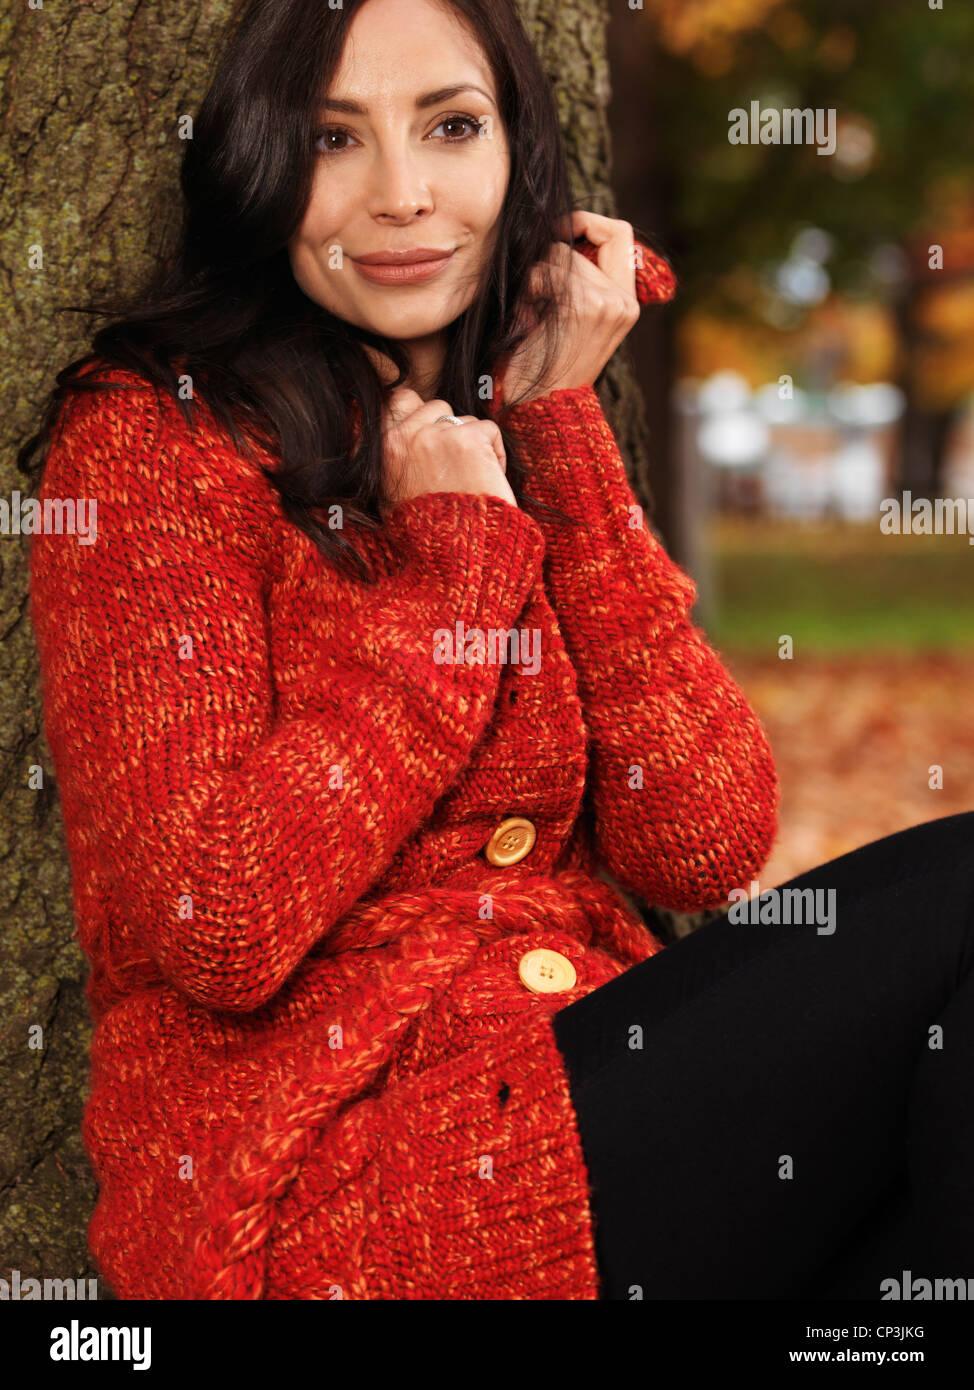 Bella sorridente giovane donna cuddling fino in un maglione rosso all'aperto in autunno Immagini Stock